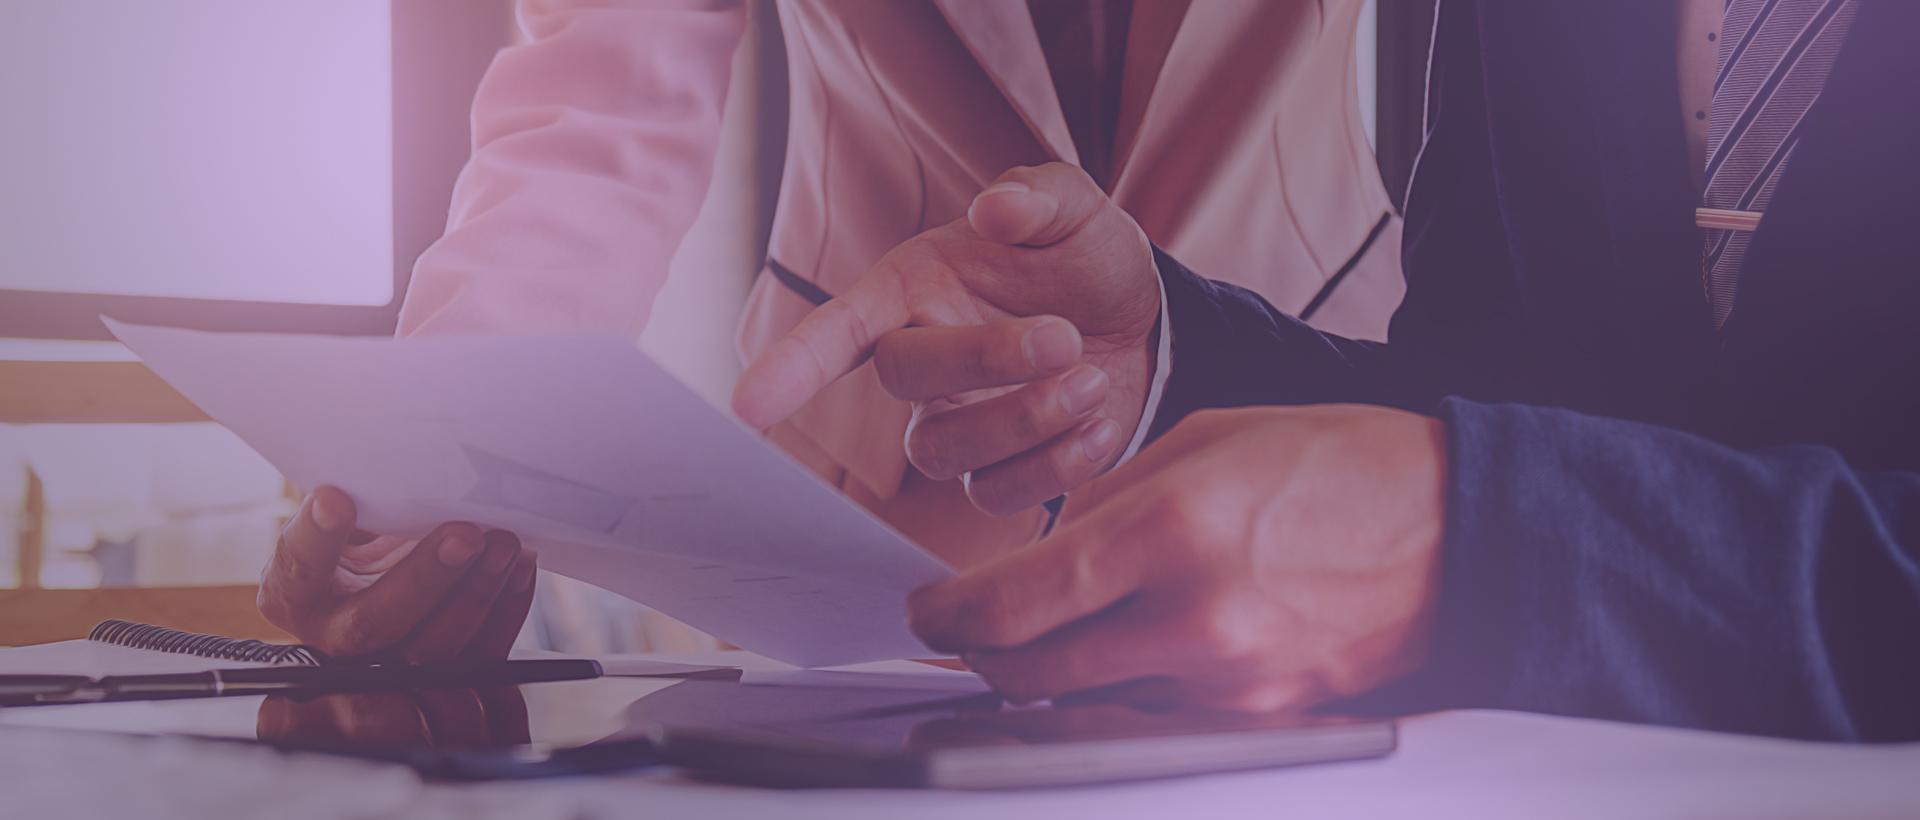 IT Consultations in Brunei